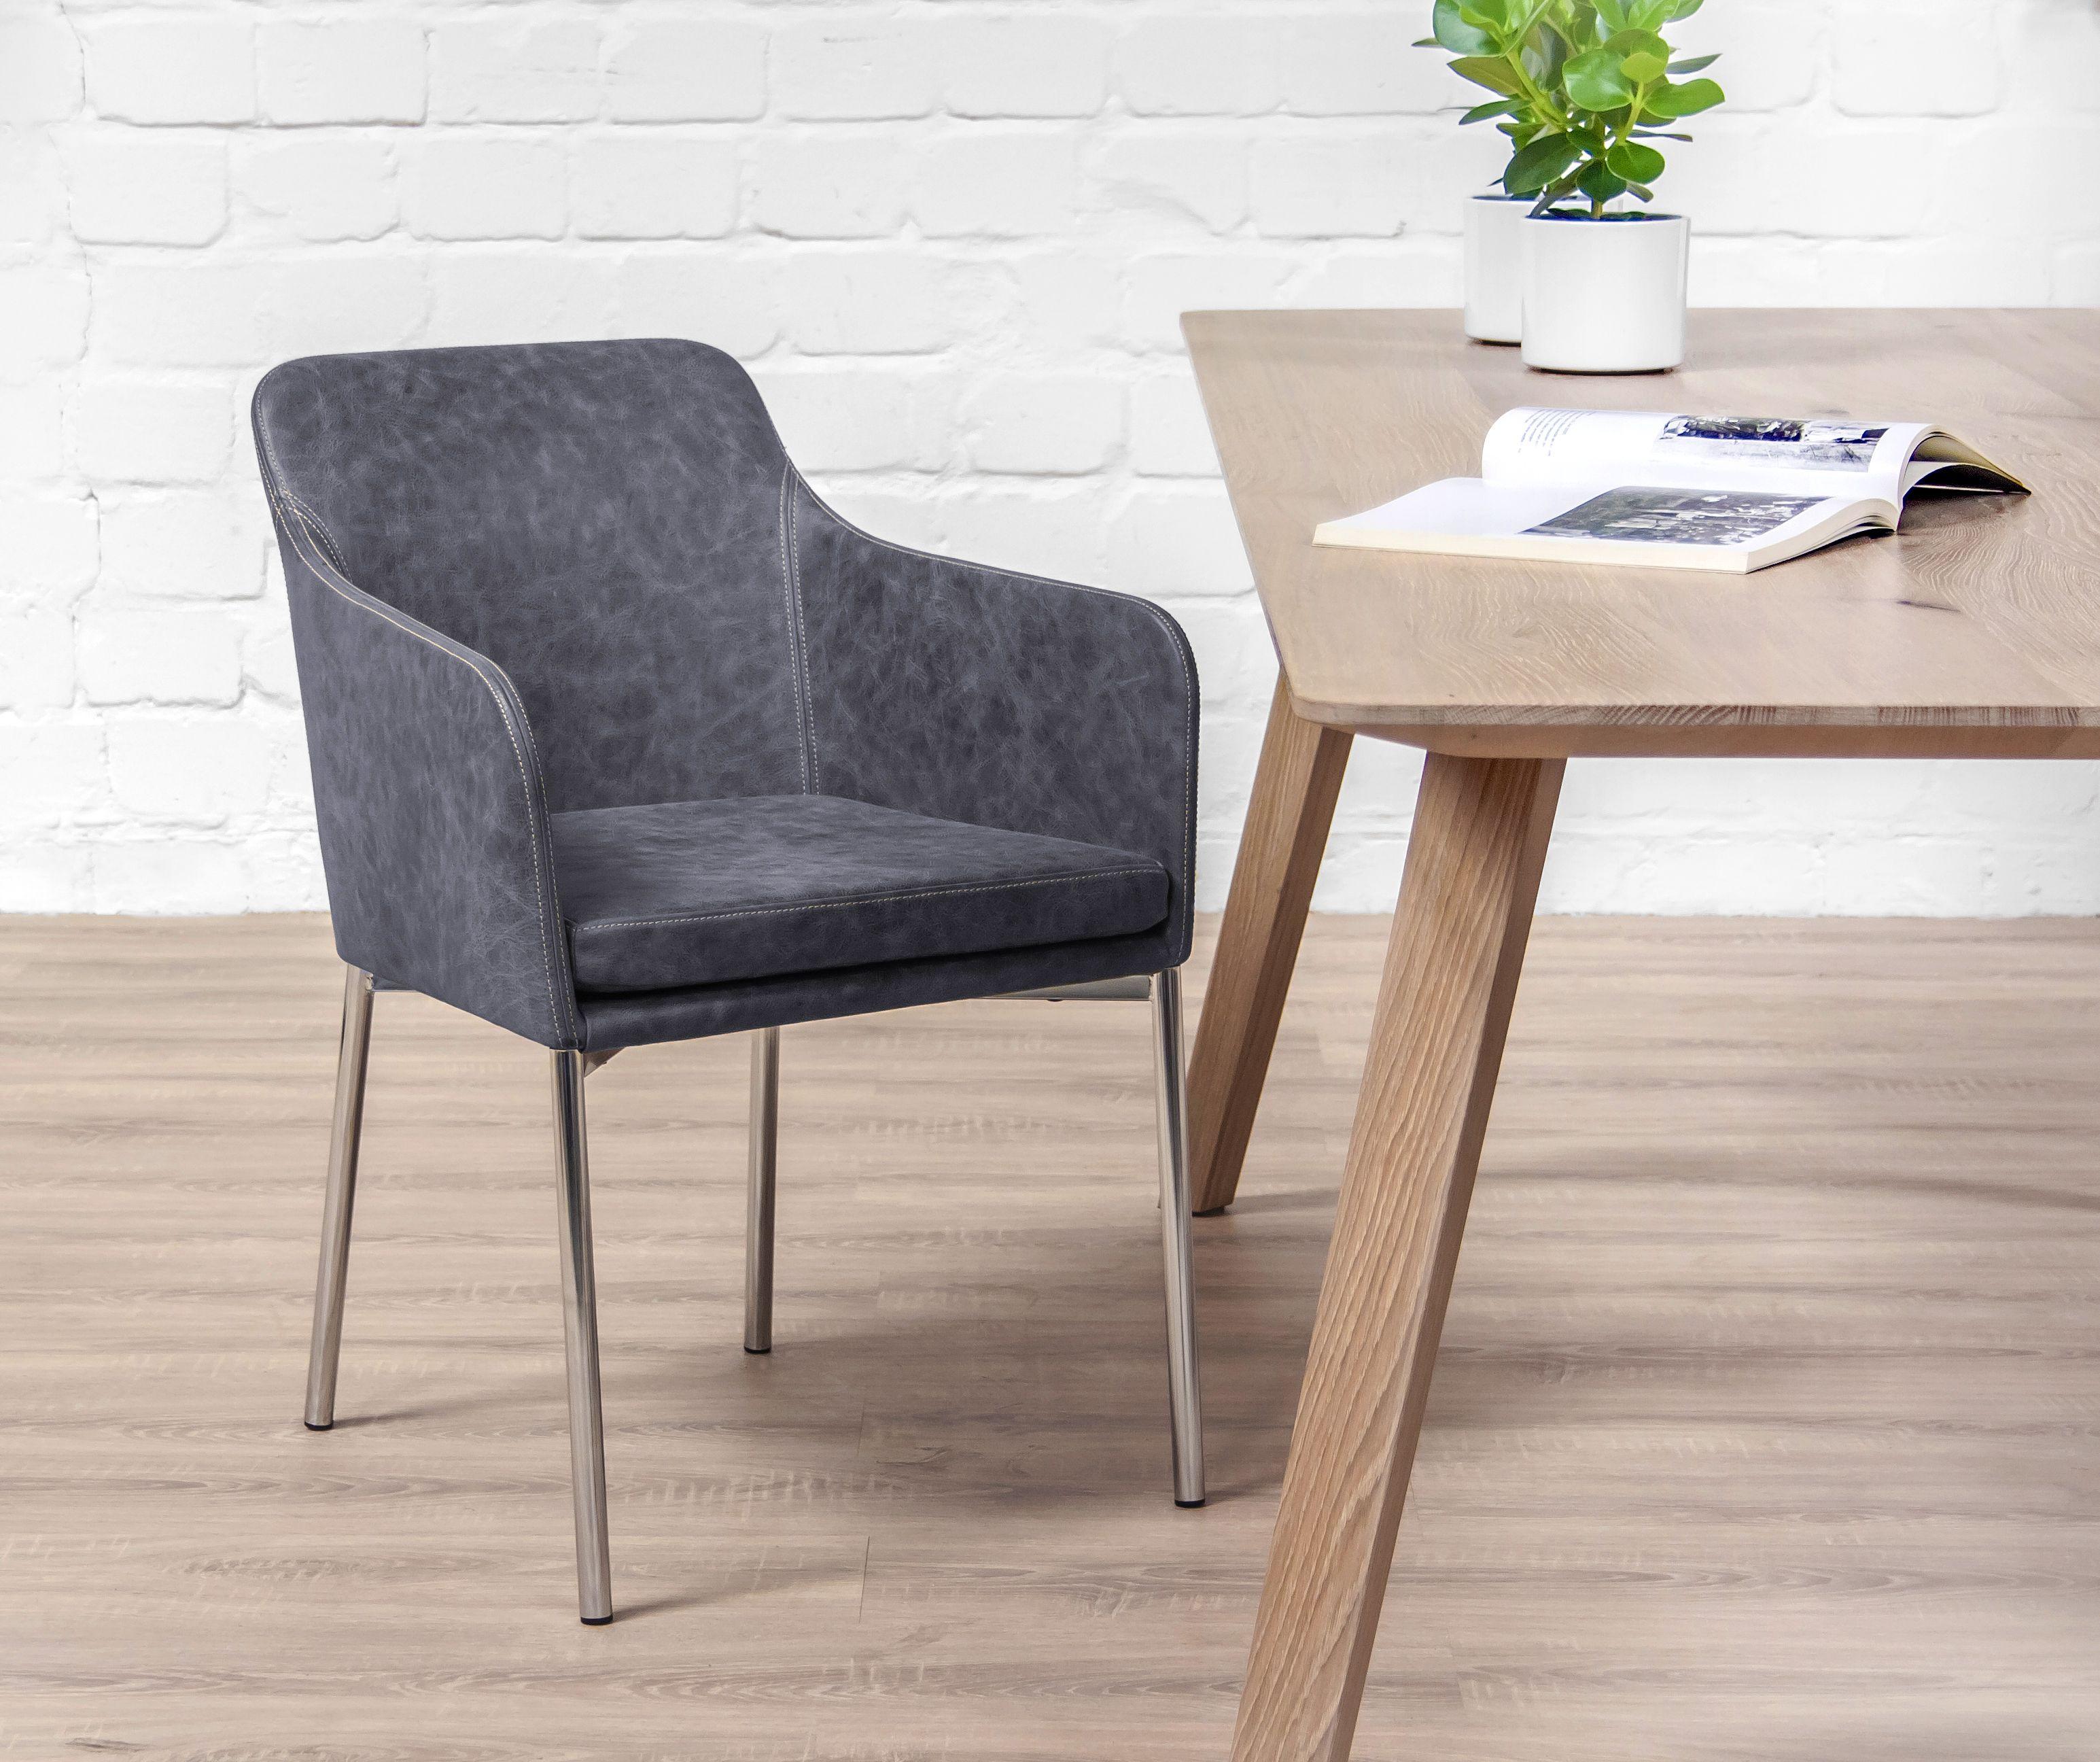 SINUS - der Erste Stuhl wurde gleich ein Renner. Einer der am ...